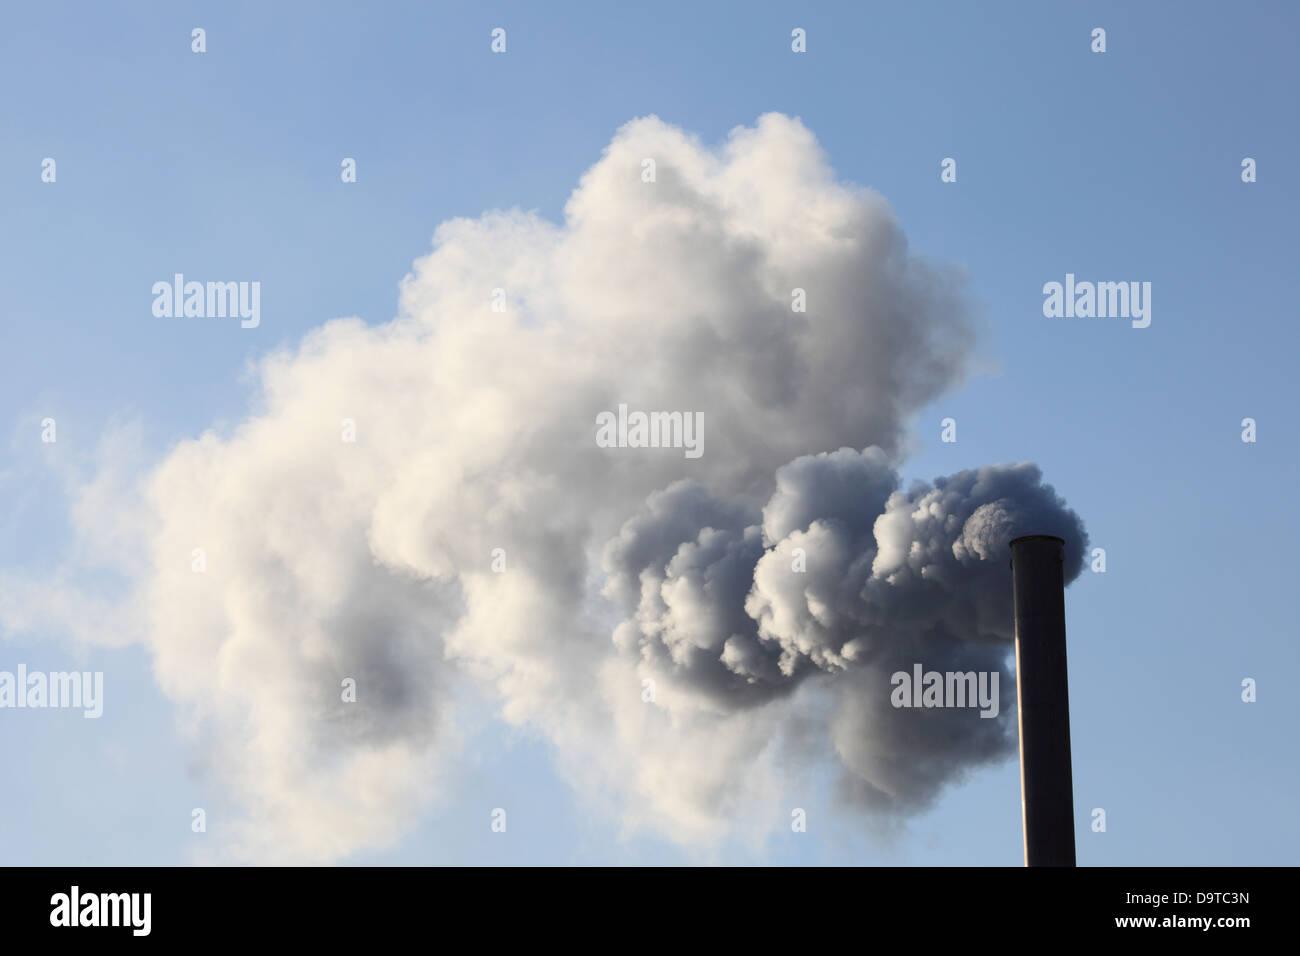 Fabrik Schornstein bläst Rauch in die Atmosphäre Stockbild